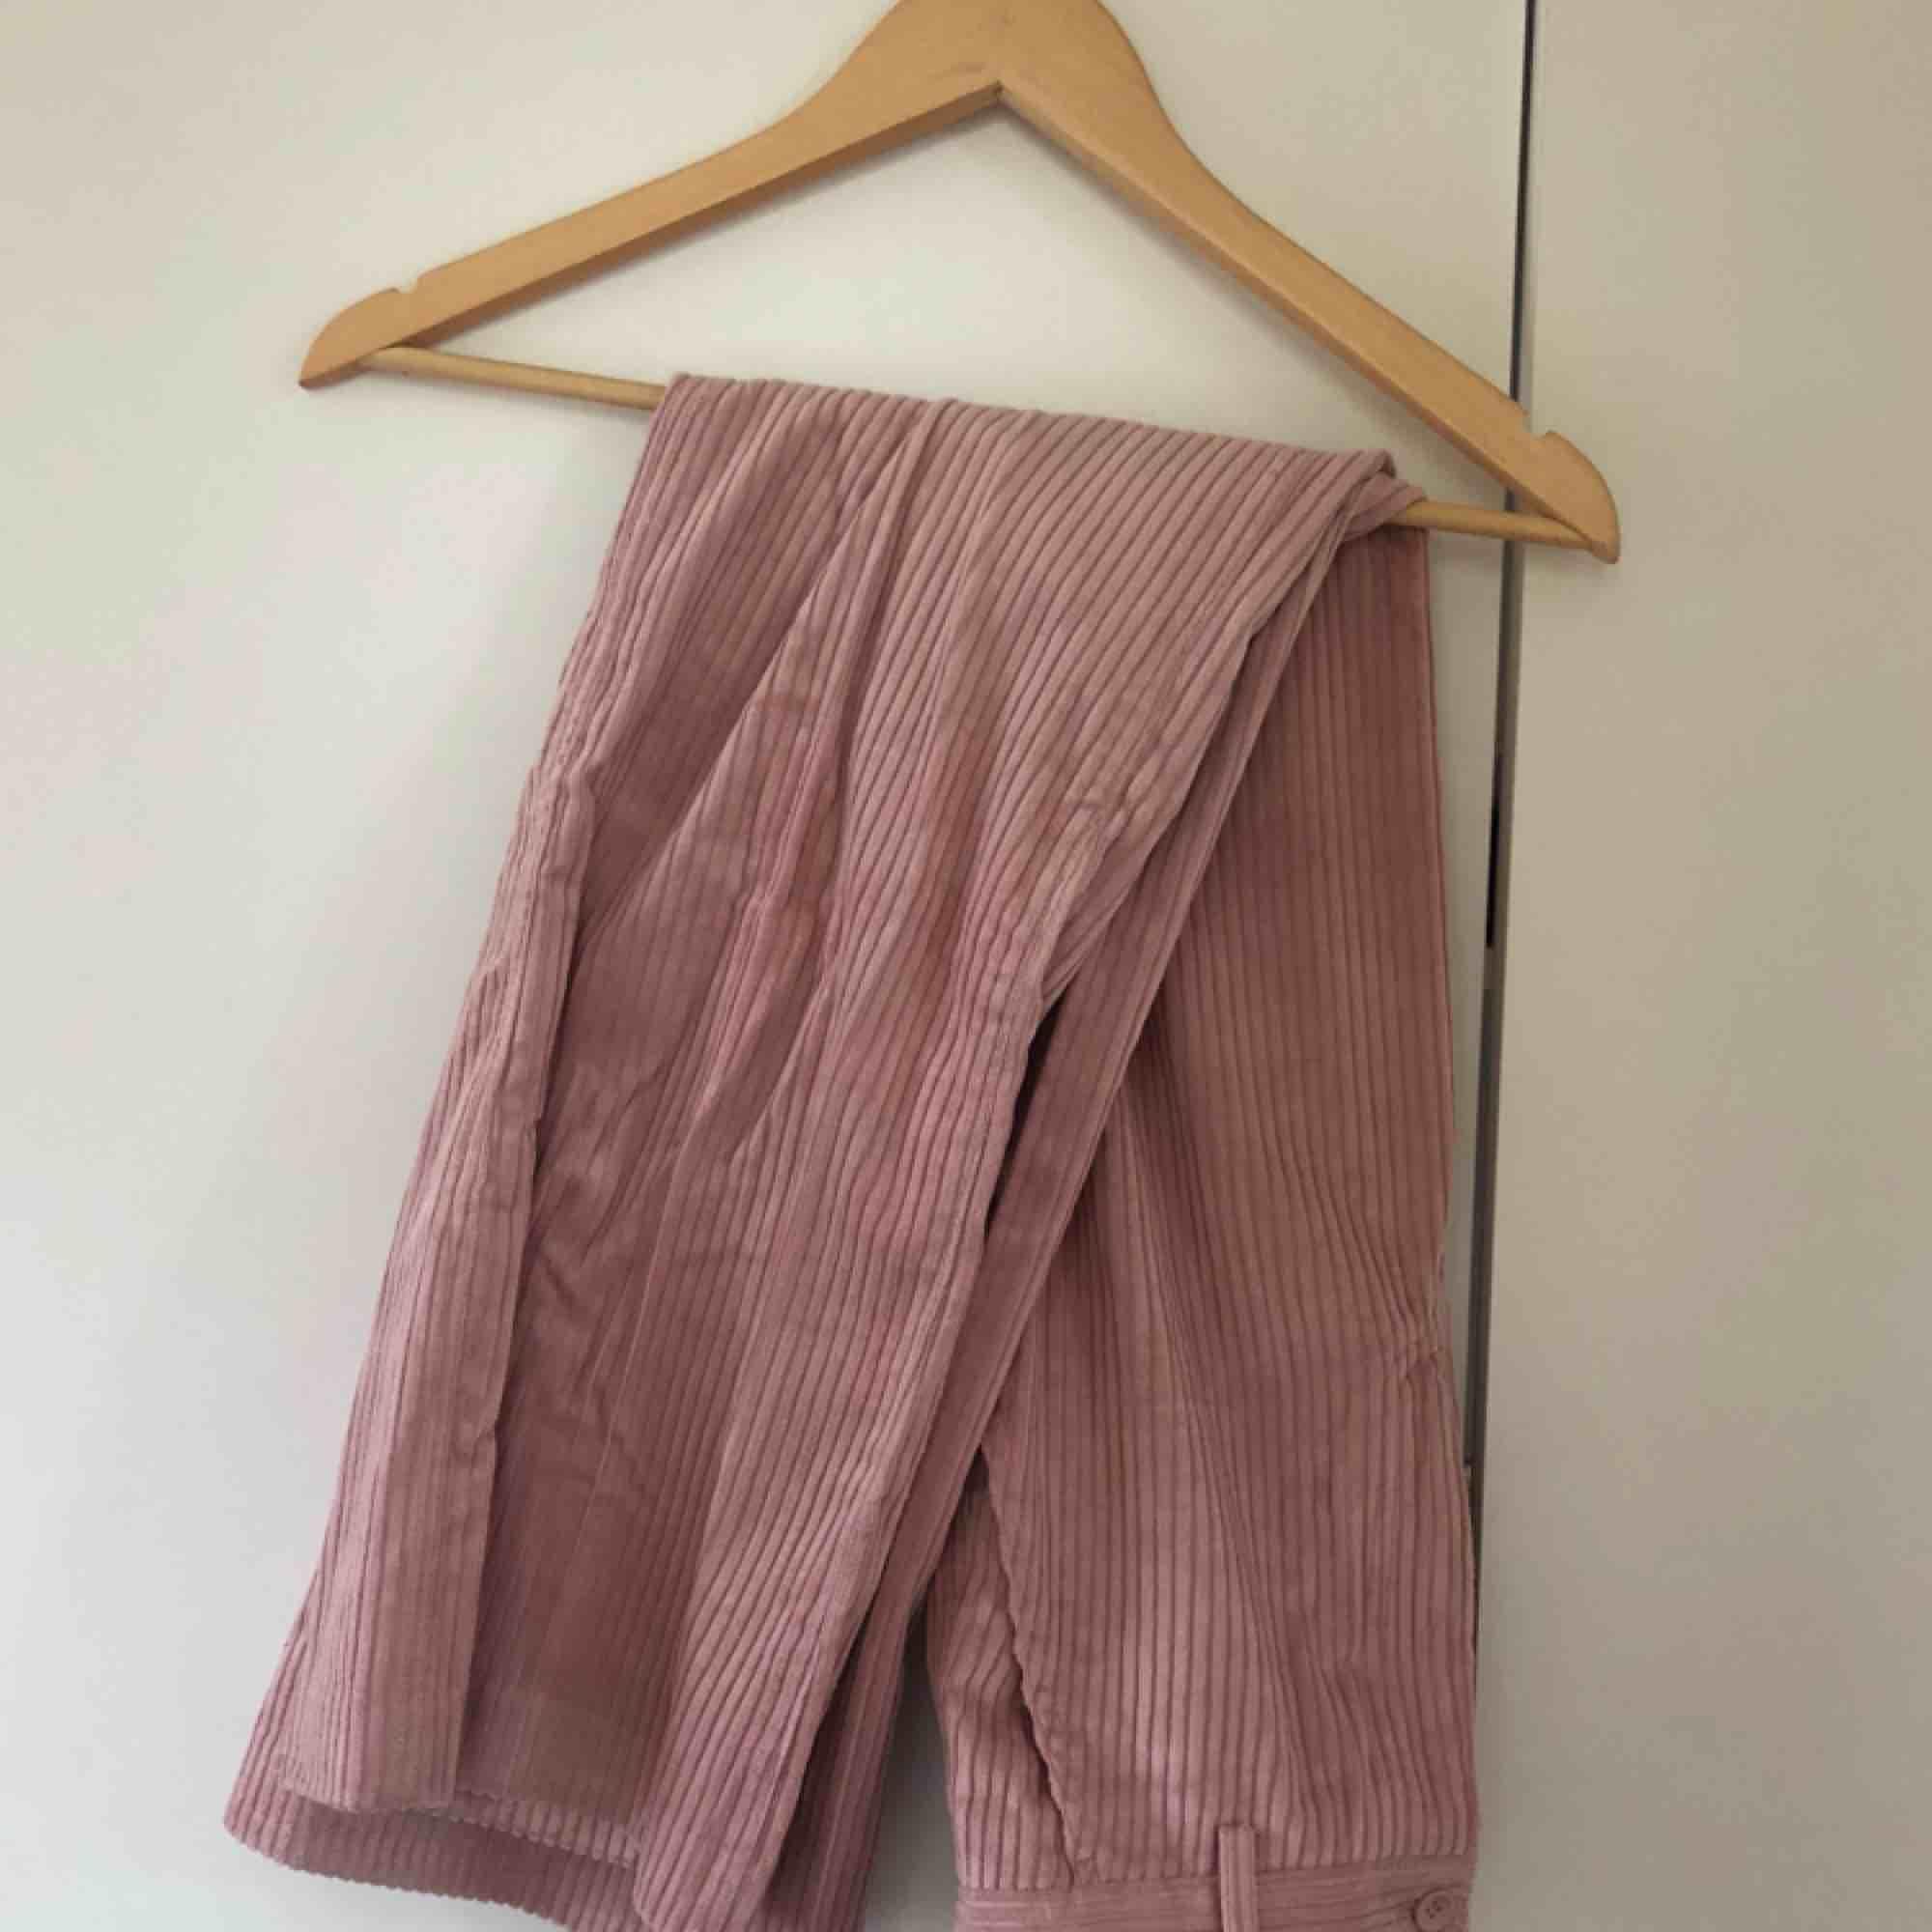 Jättefina ljusrosa manchesterbyxor från HM. Höjmidjade med flare ben. Storlek 34. Superfint skick. Köparen står för frakt. Jeans & Byxor.